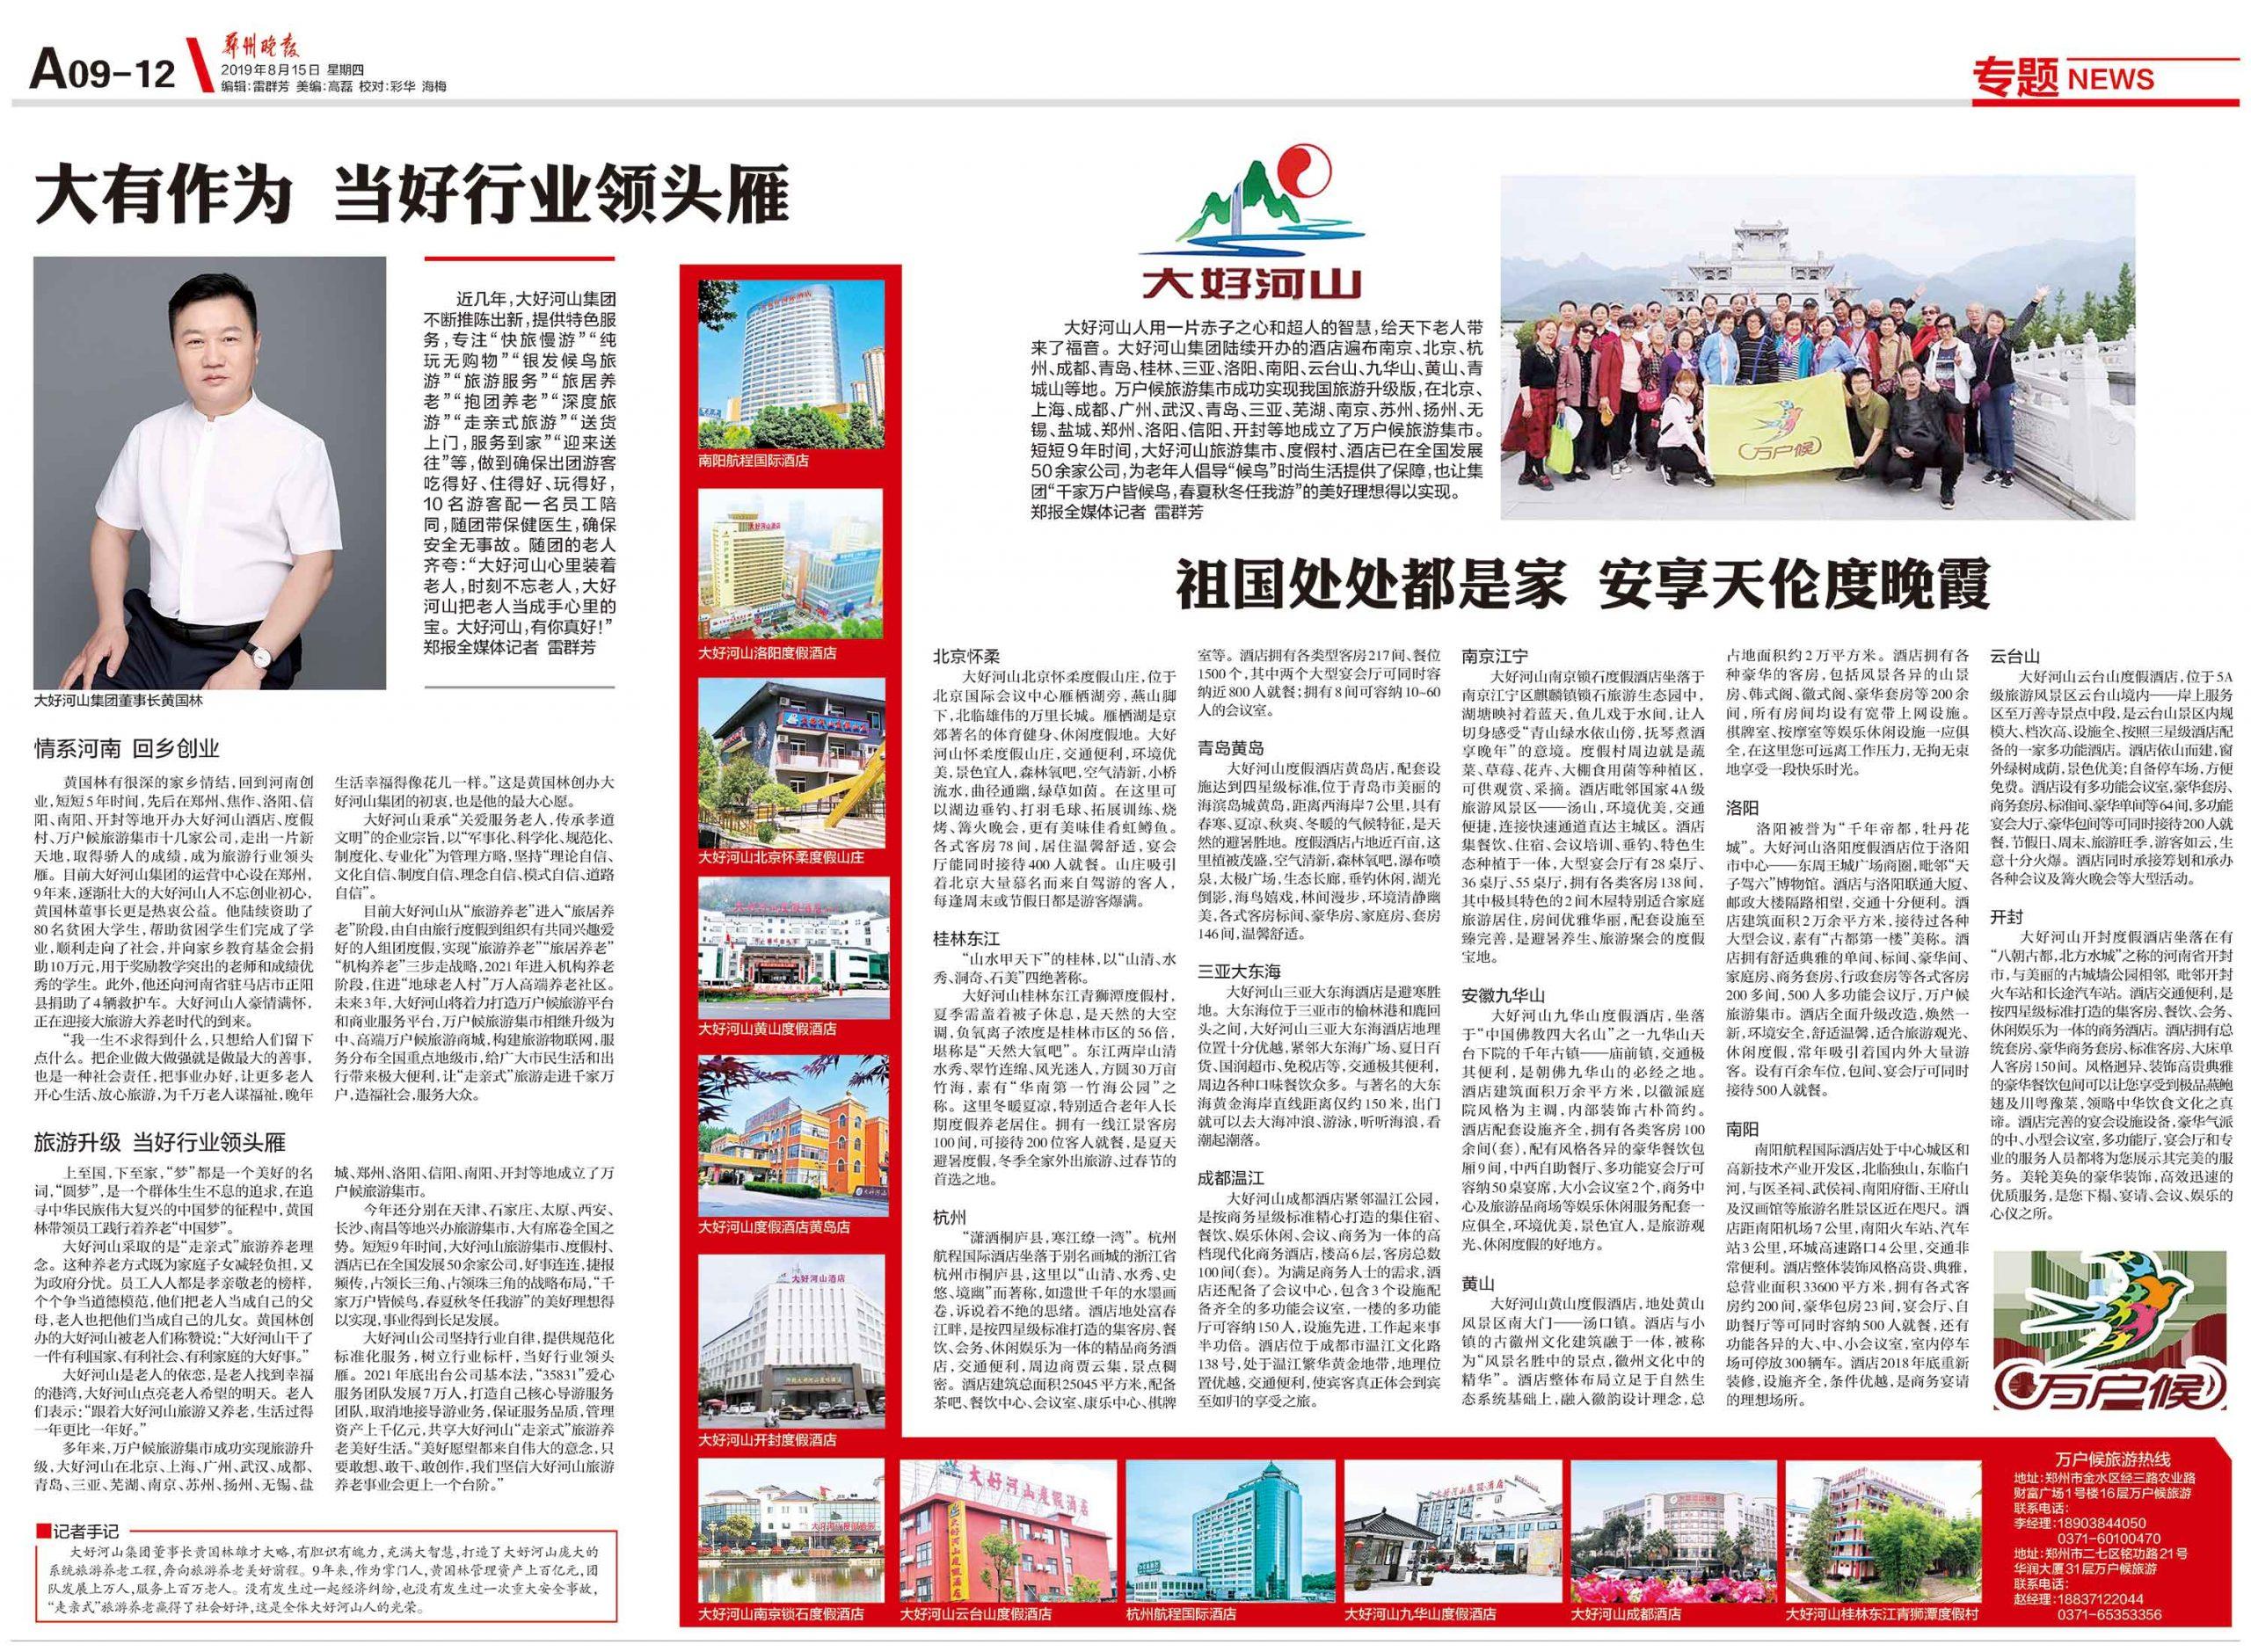 郑州晚报 2019-08-15 A09-12